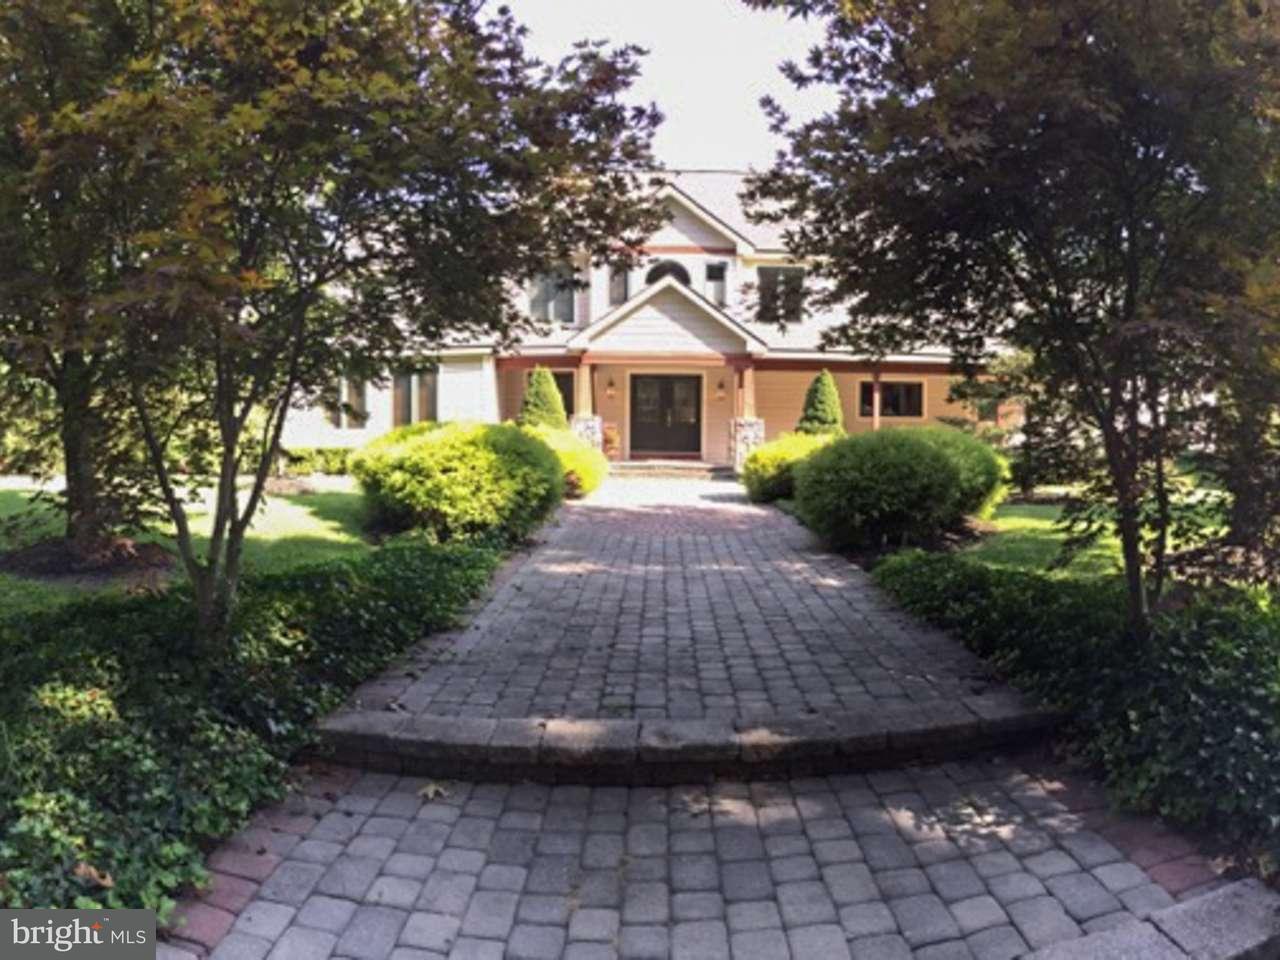 一戸建て のために 売買 アット 44 SUMMIT Avenue Berlin, ニュージャージー 08009 アメリカ合衆国